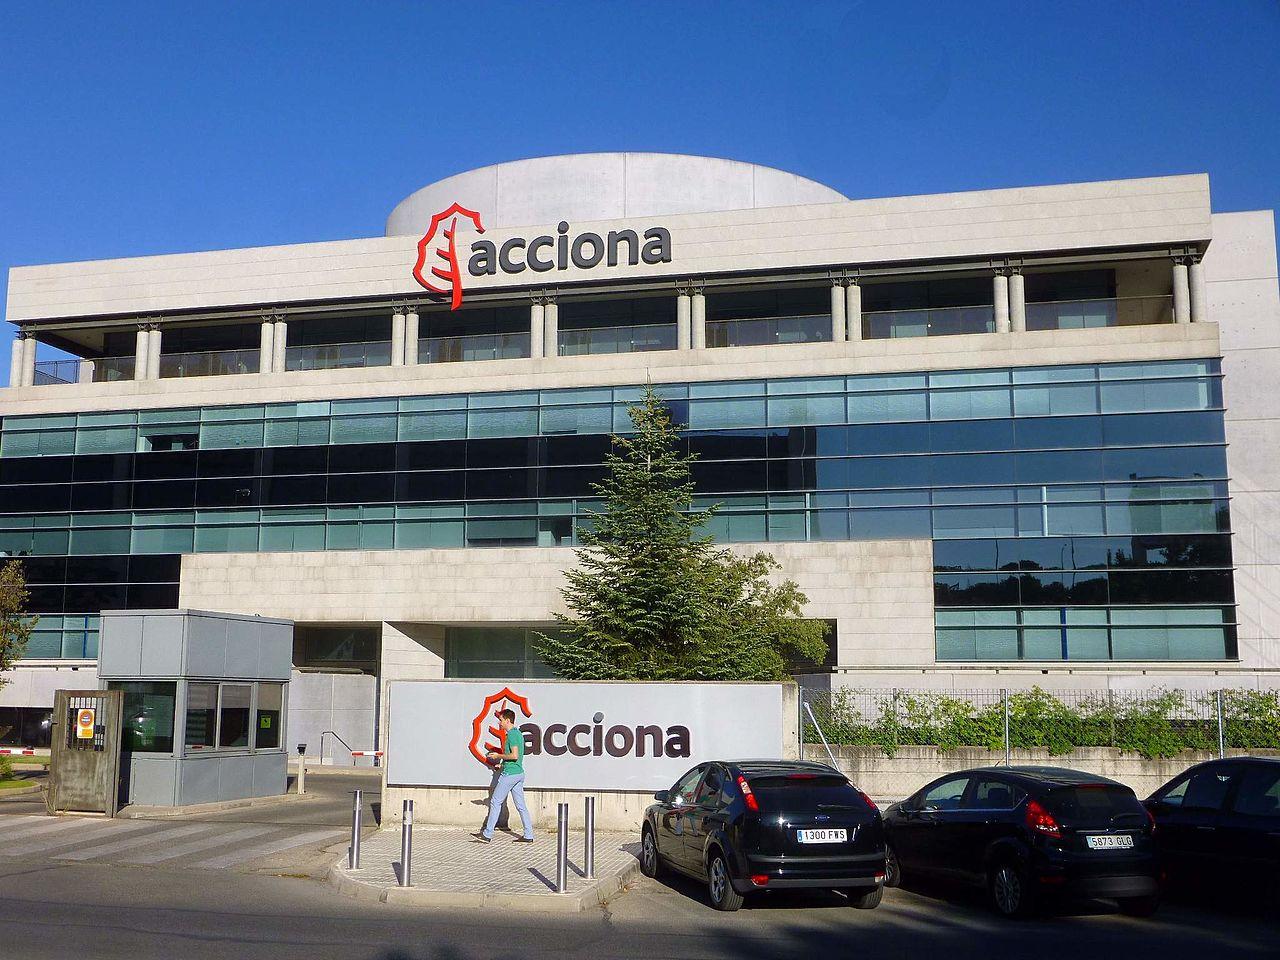 Acciona Madrid Headquarter